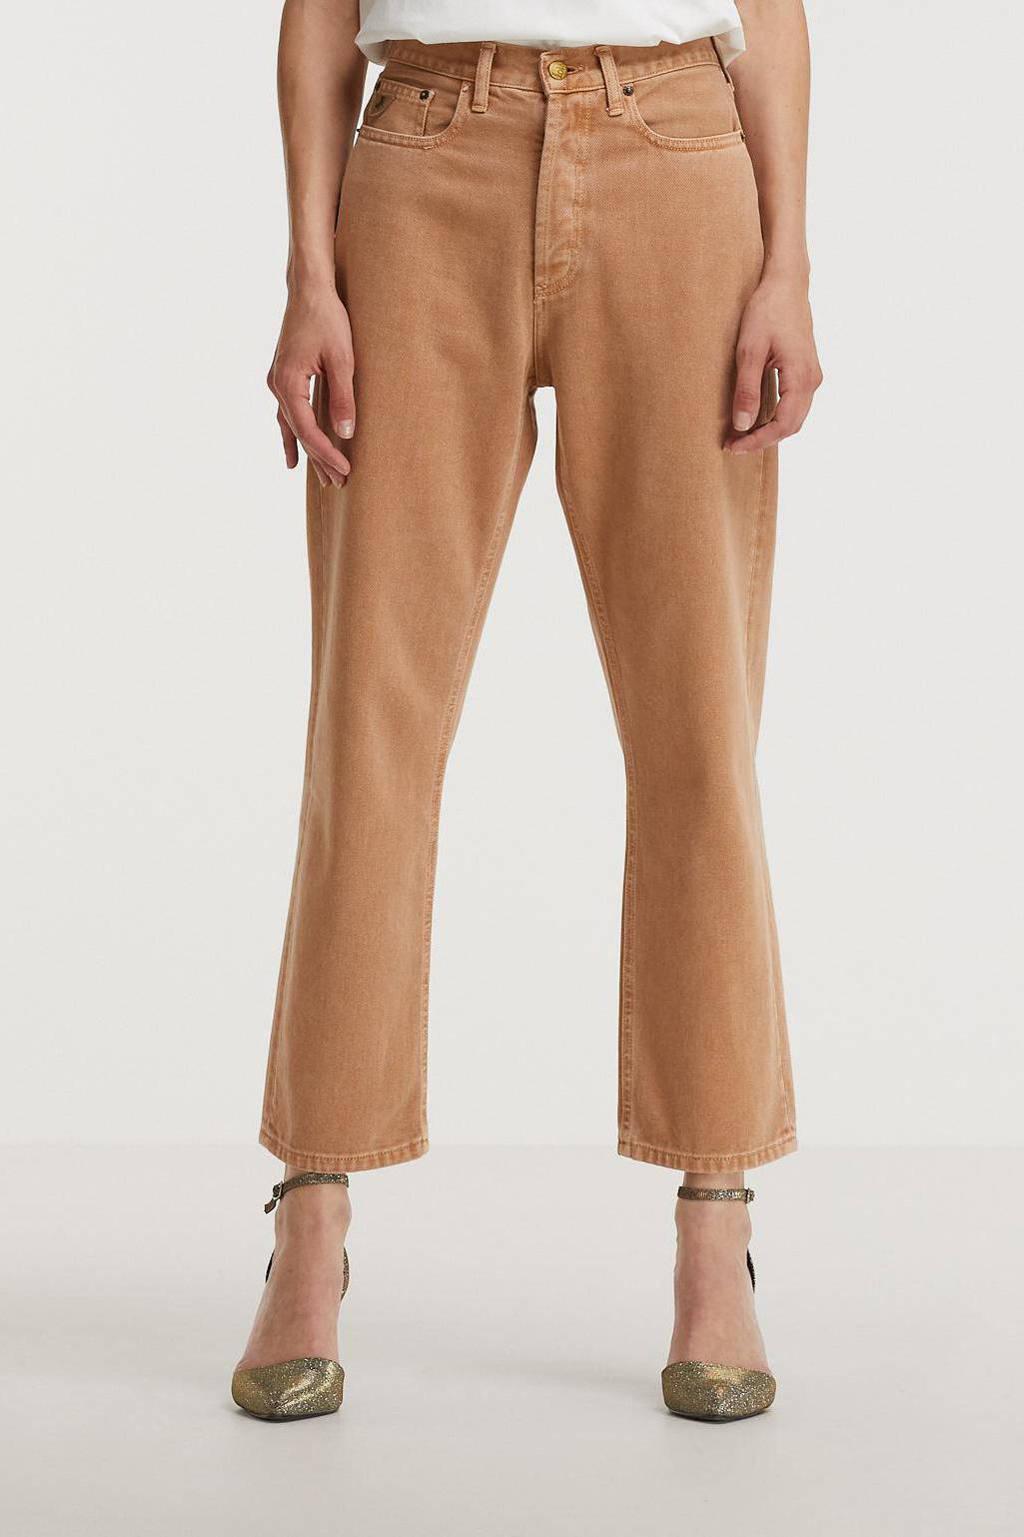 Lois high waist flared broek Raval-16 beige, Beige